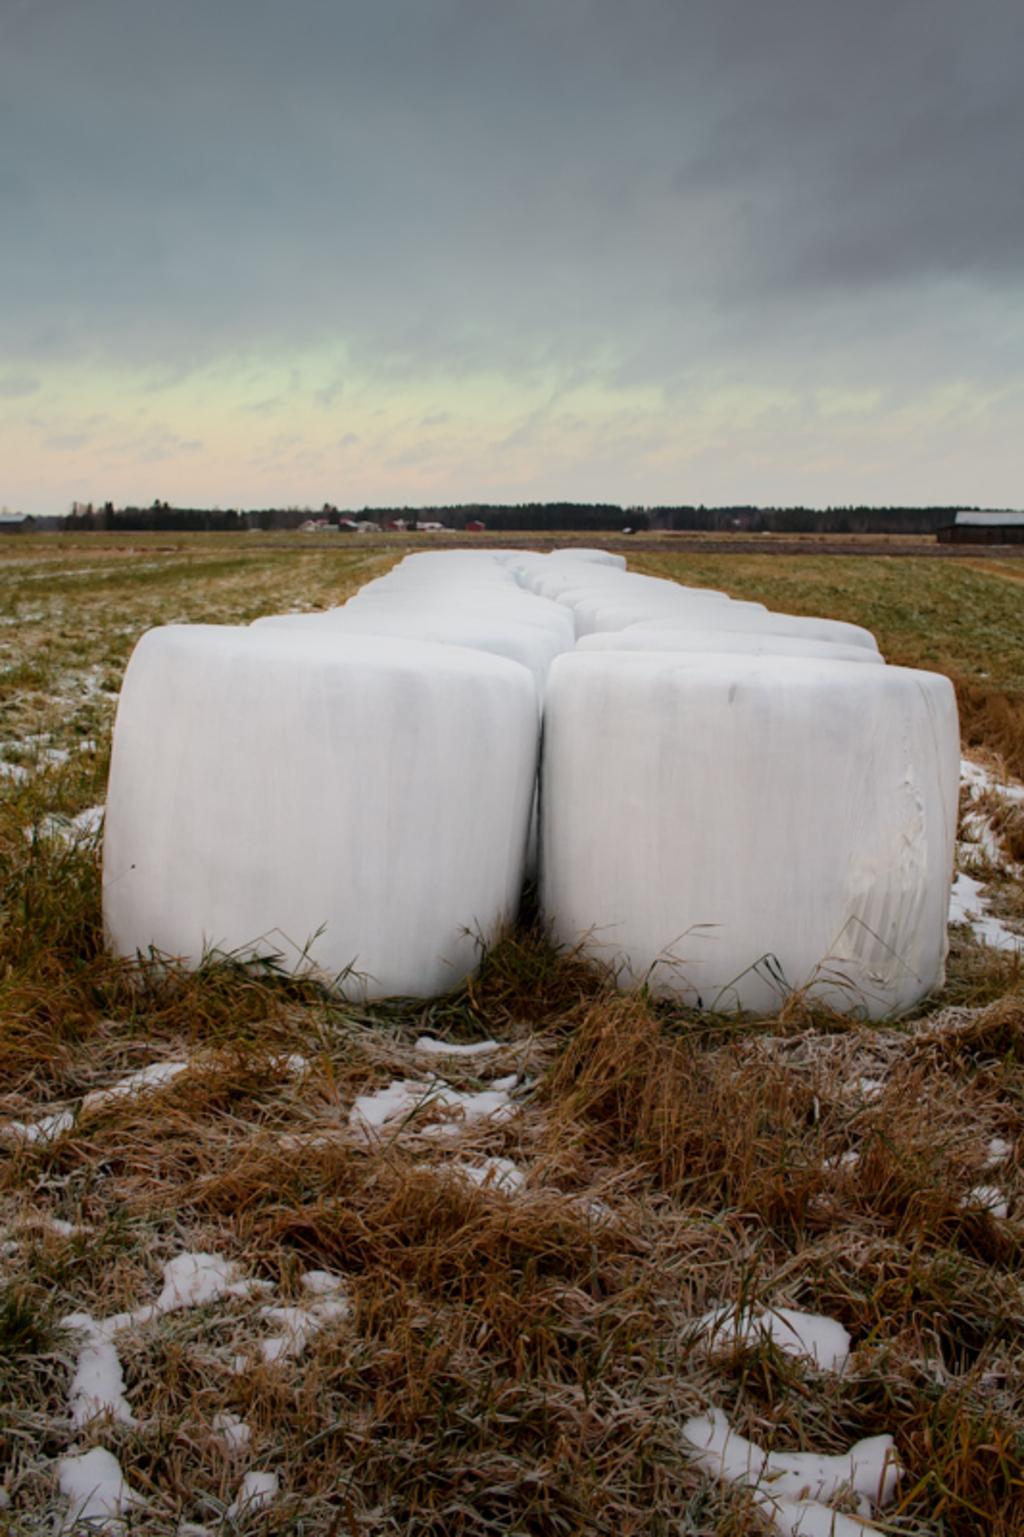 Nicely lined up hay bales on the early winter fields. The ba... via Jukka Heinovirta